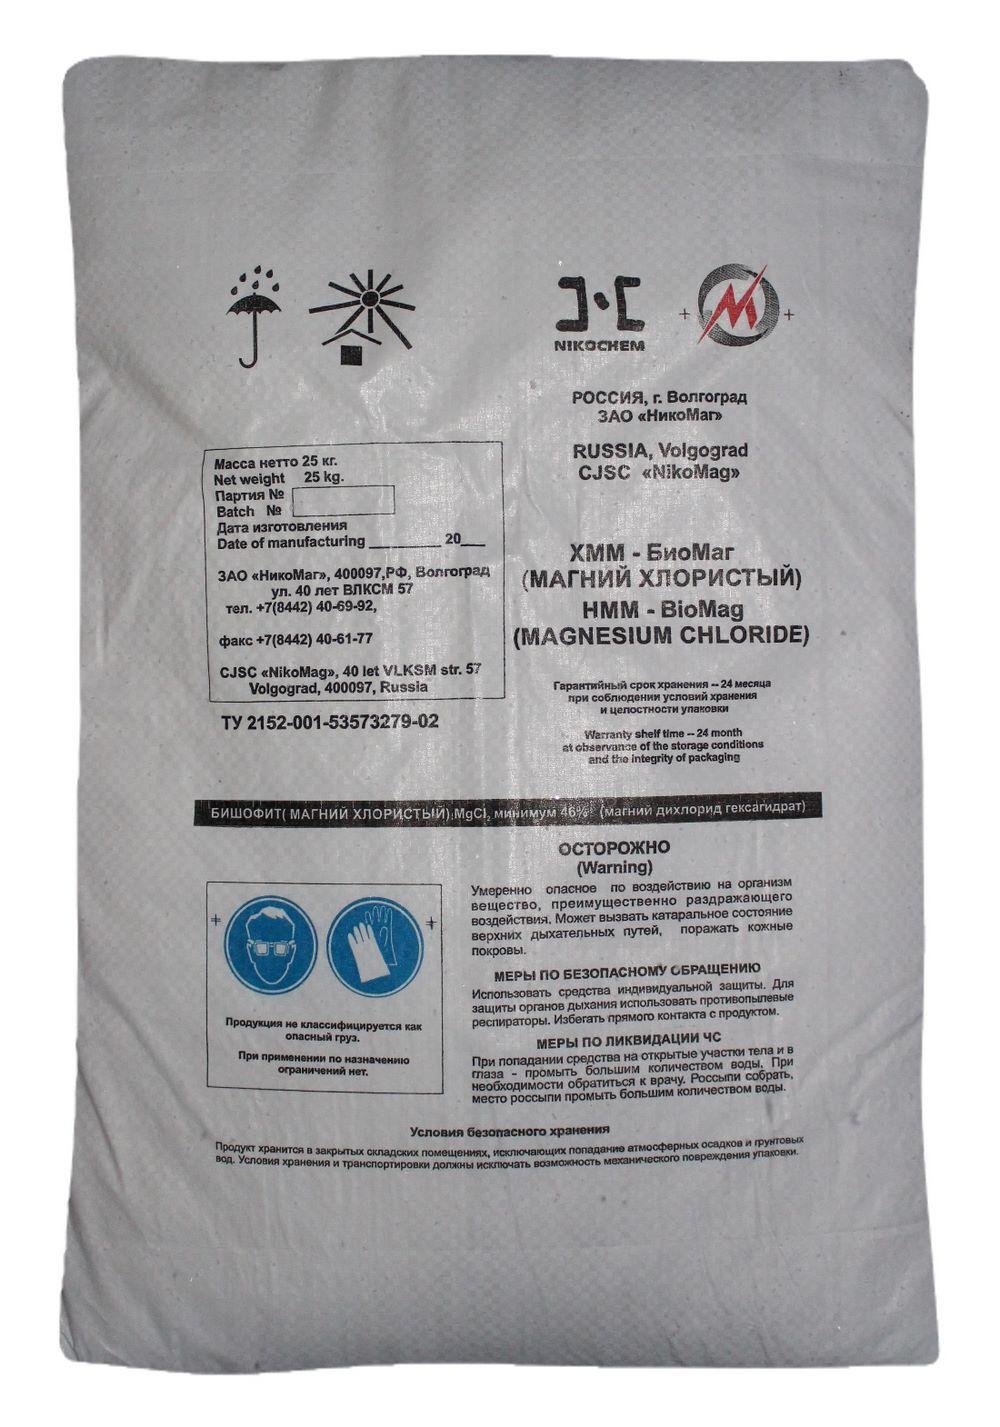 Реагент КаустикХММ-БиоМаг(Хлористый магний модифицированный – бишофит технический MgCl2) по 25 кг